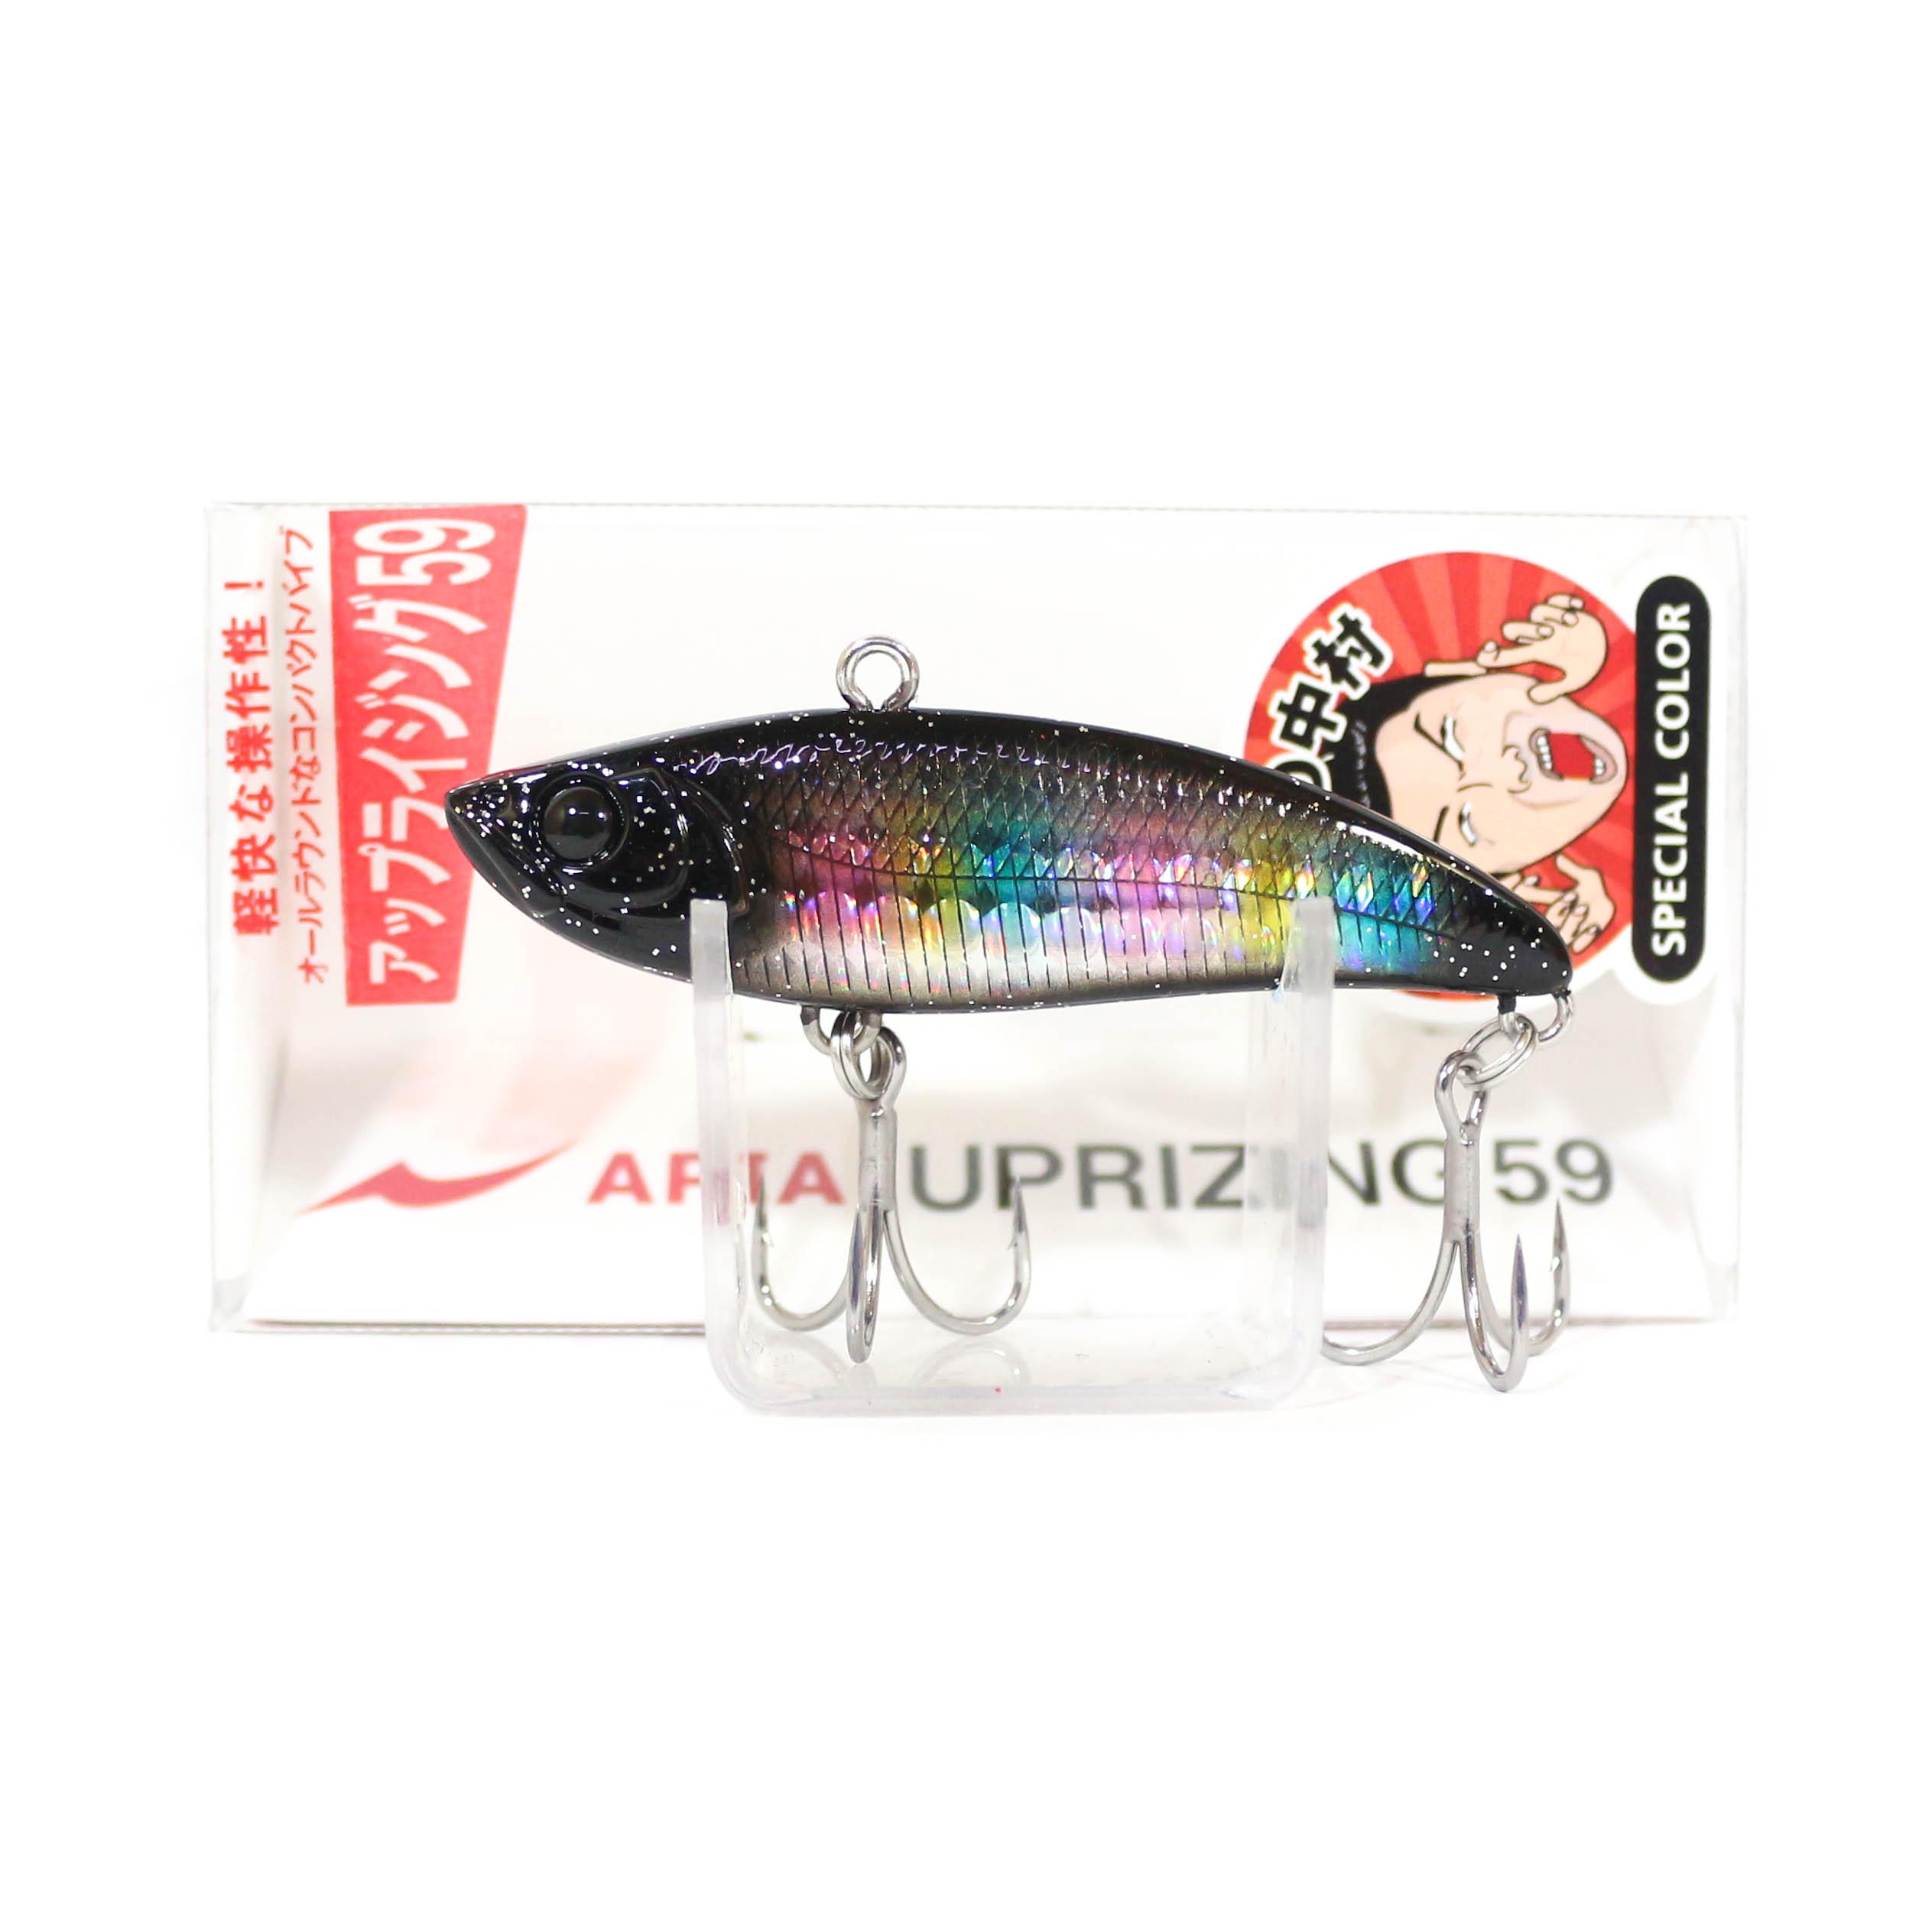 Sale Apia Uprizing 59 Vibration Sinking Lure 06 (9037)